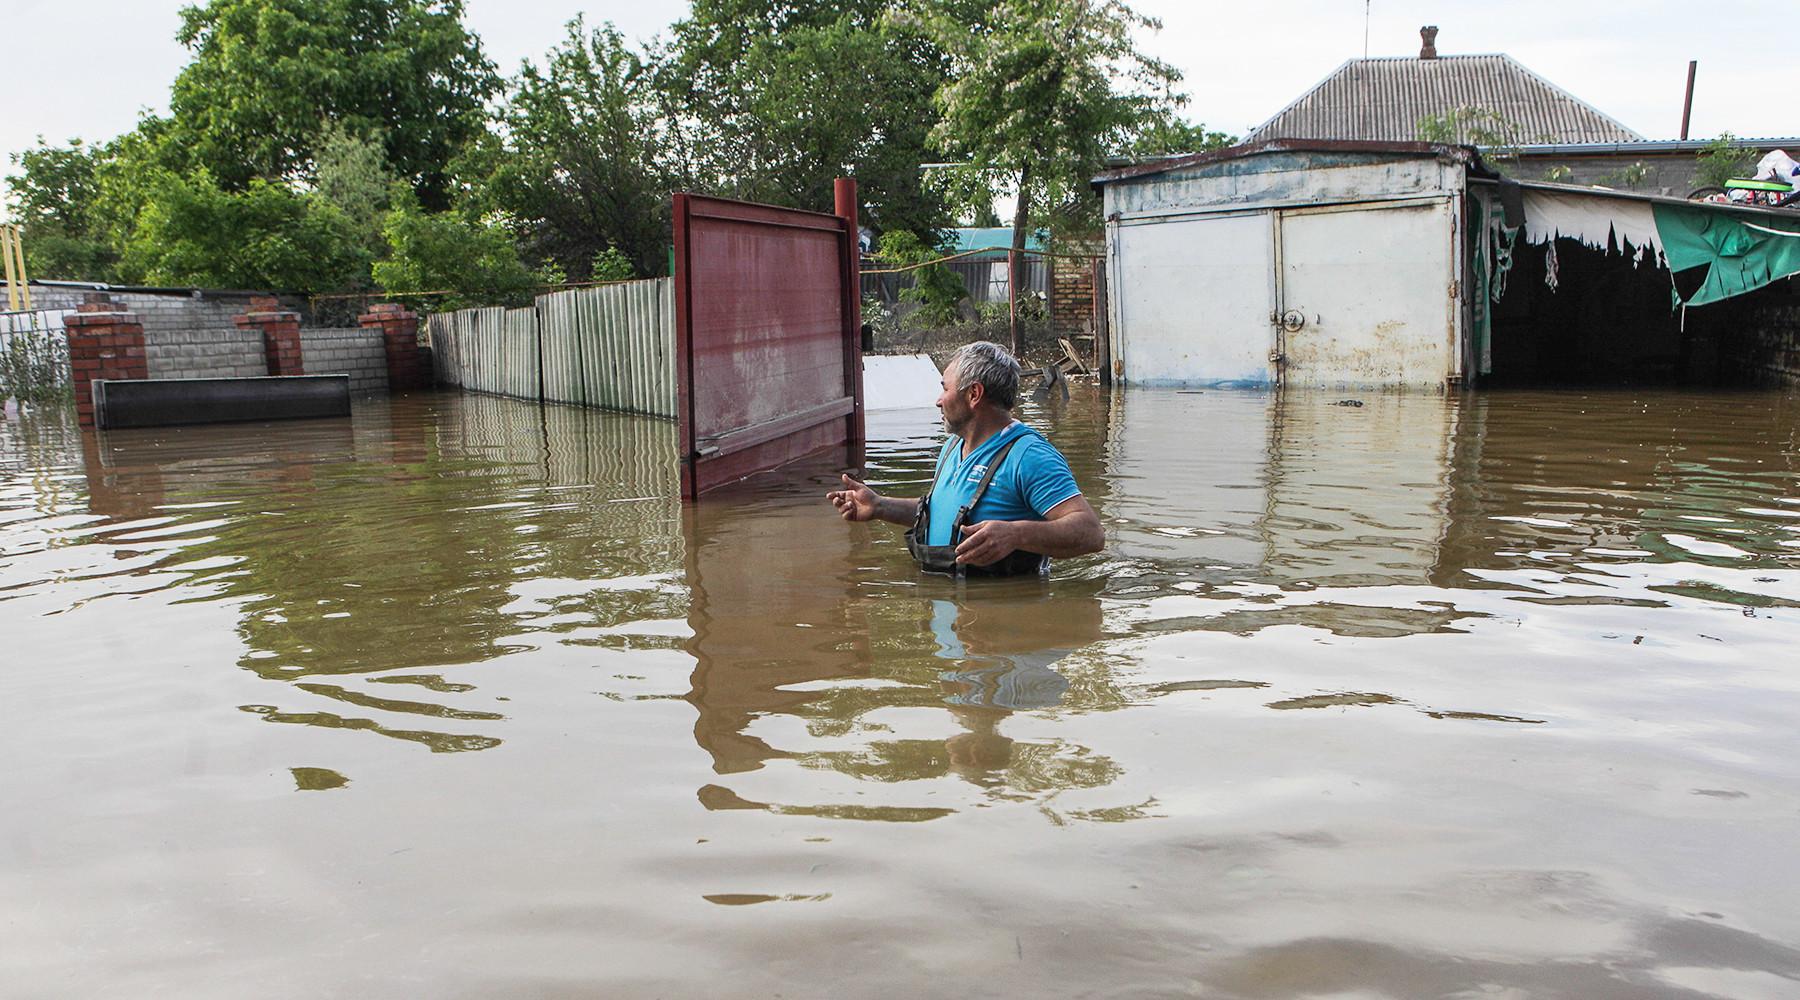 Губернатор Ставрополья объявил об эвакуации жителей семи поселений из-за паводка